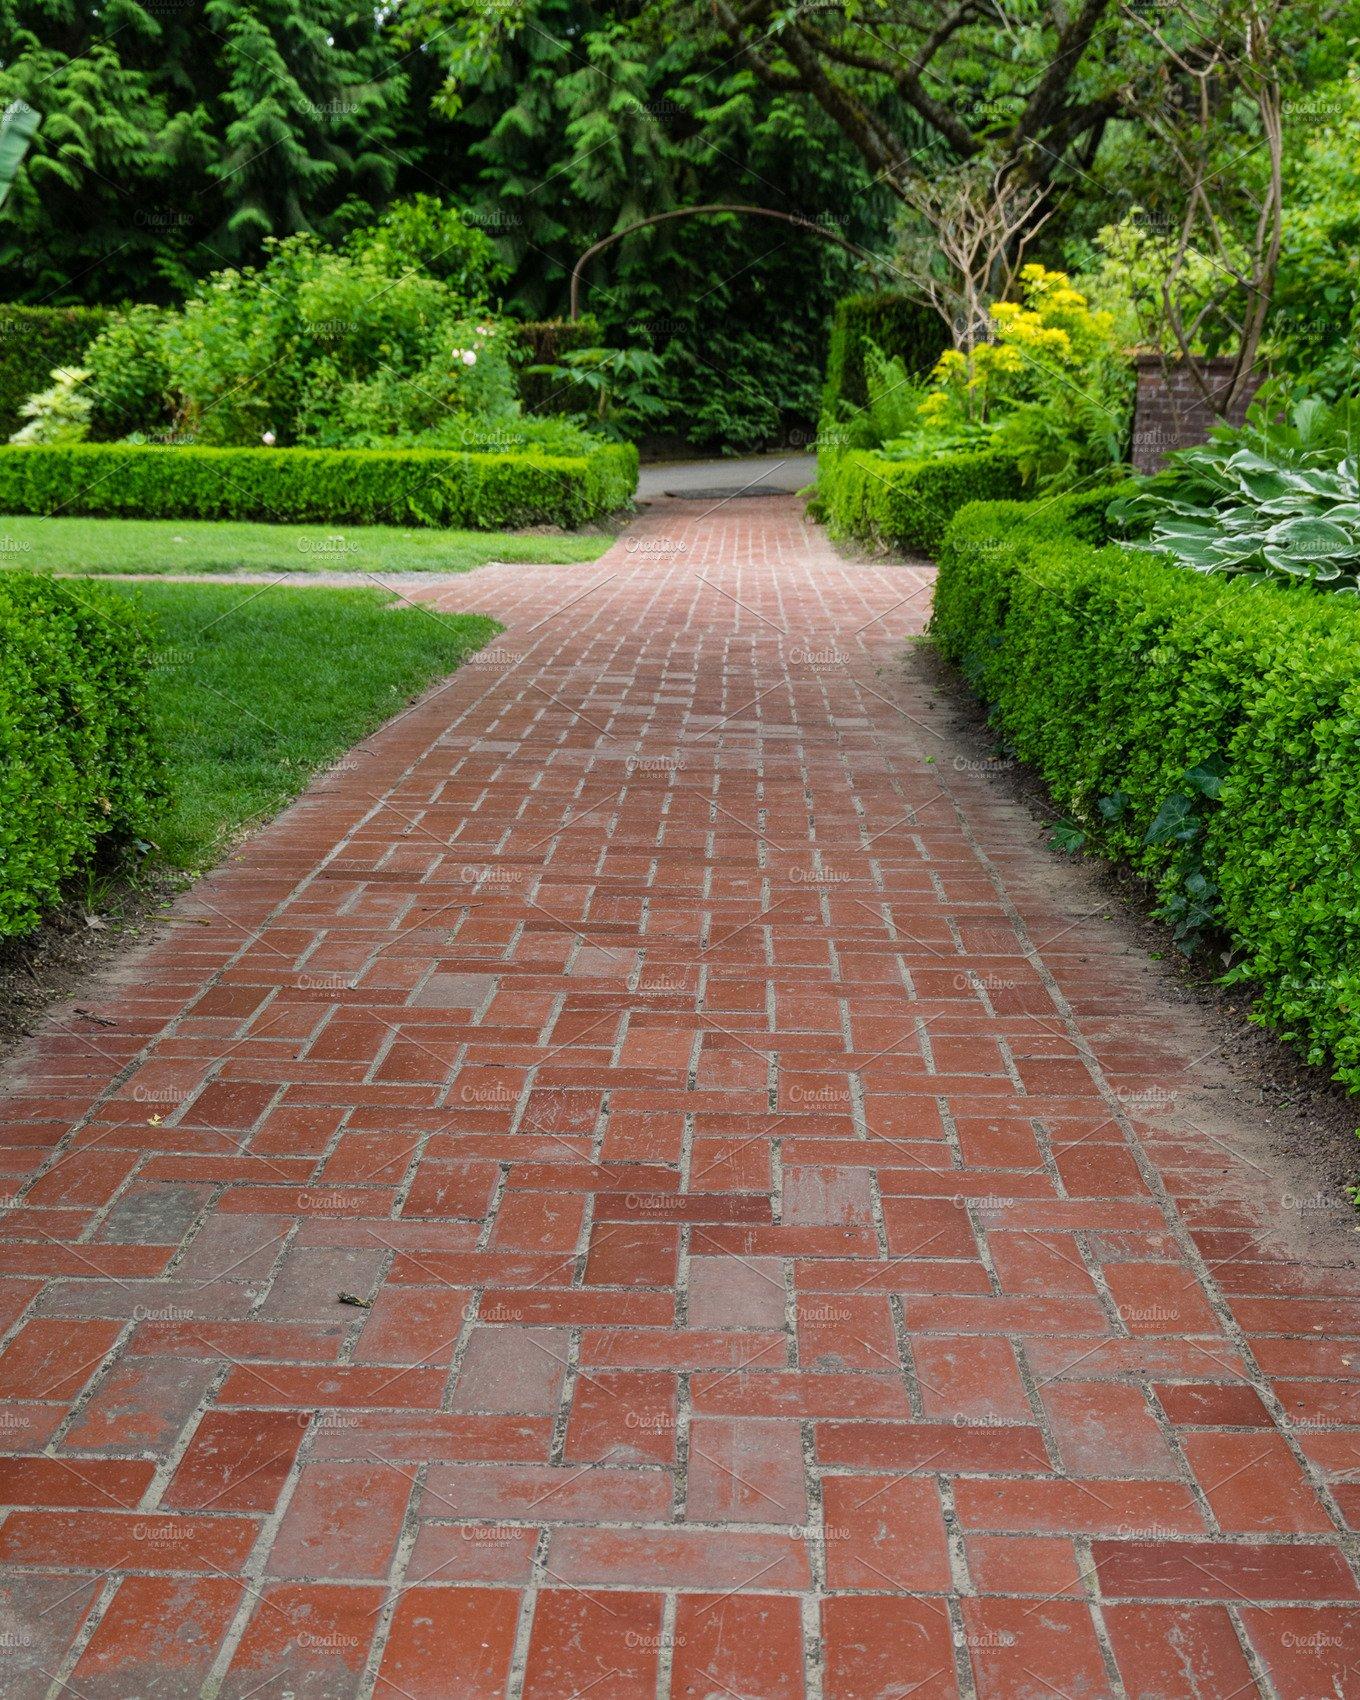 Brick pathways through a garden ~ Nature Photos ~ Creative Market